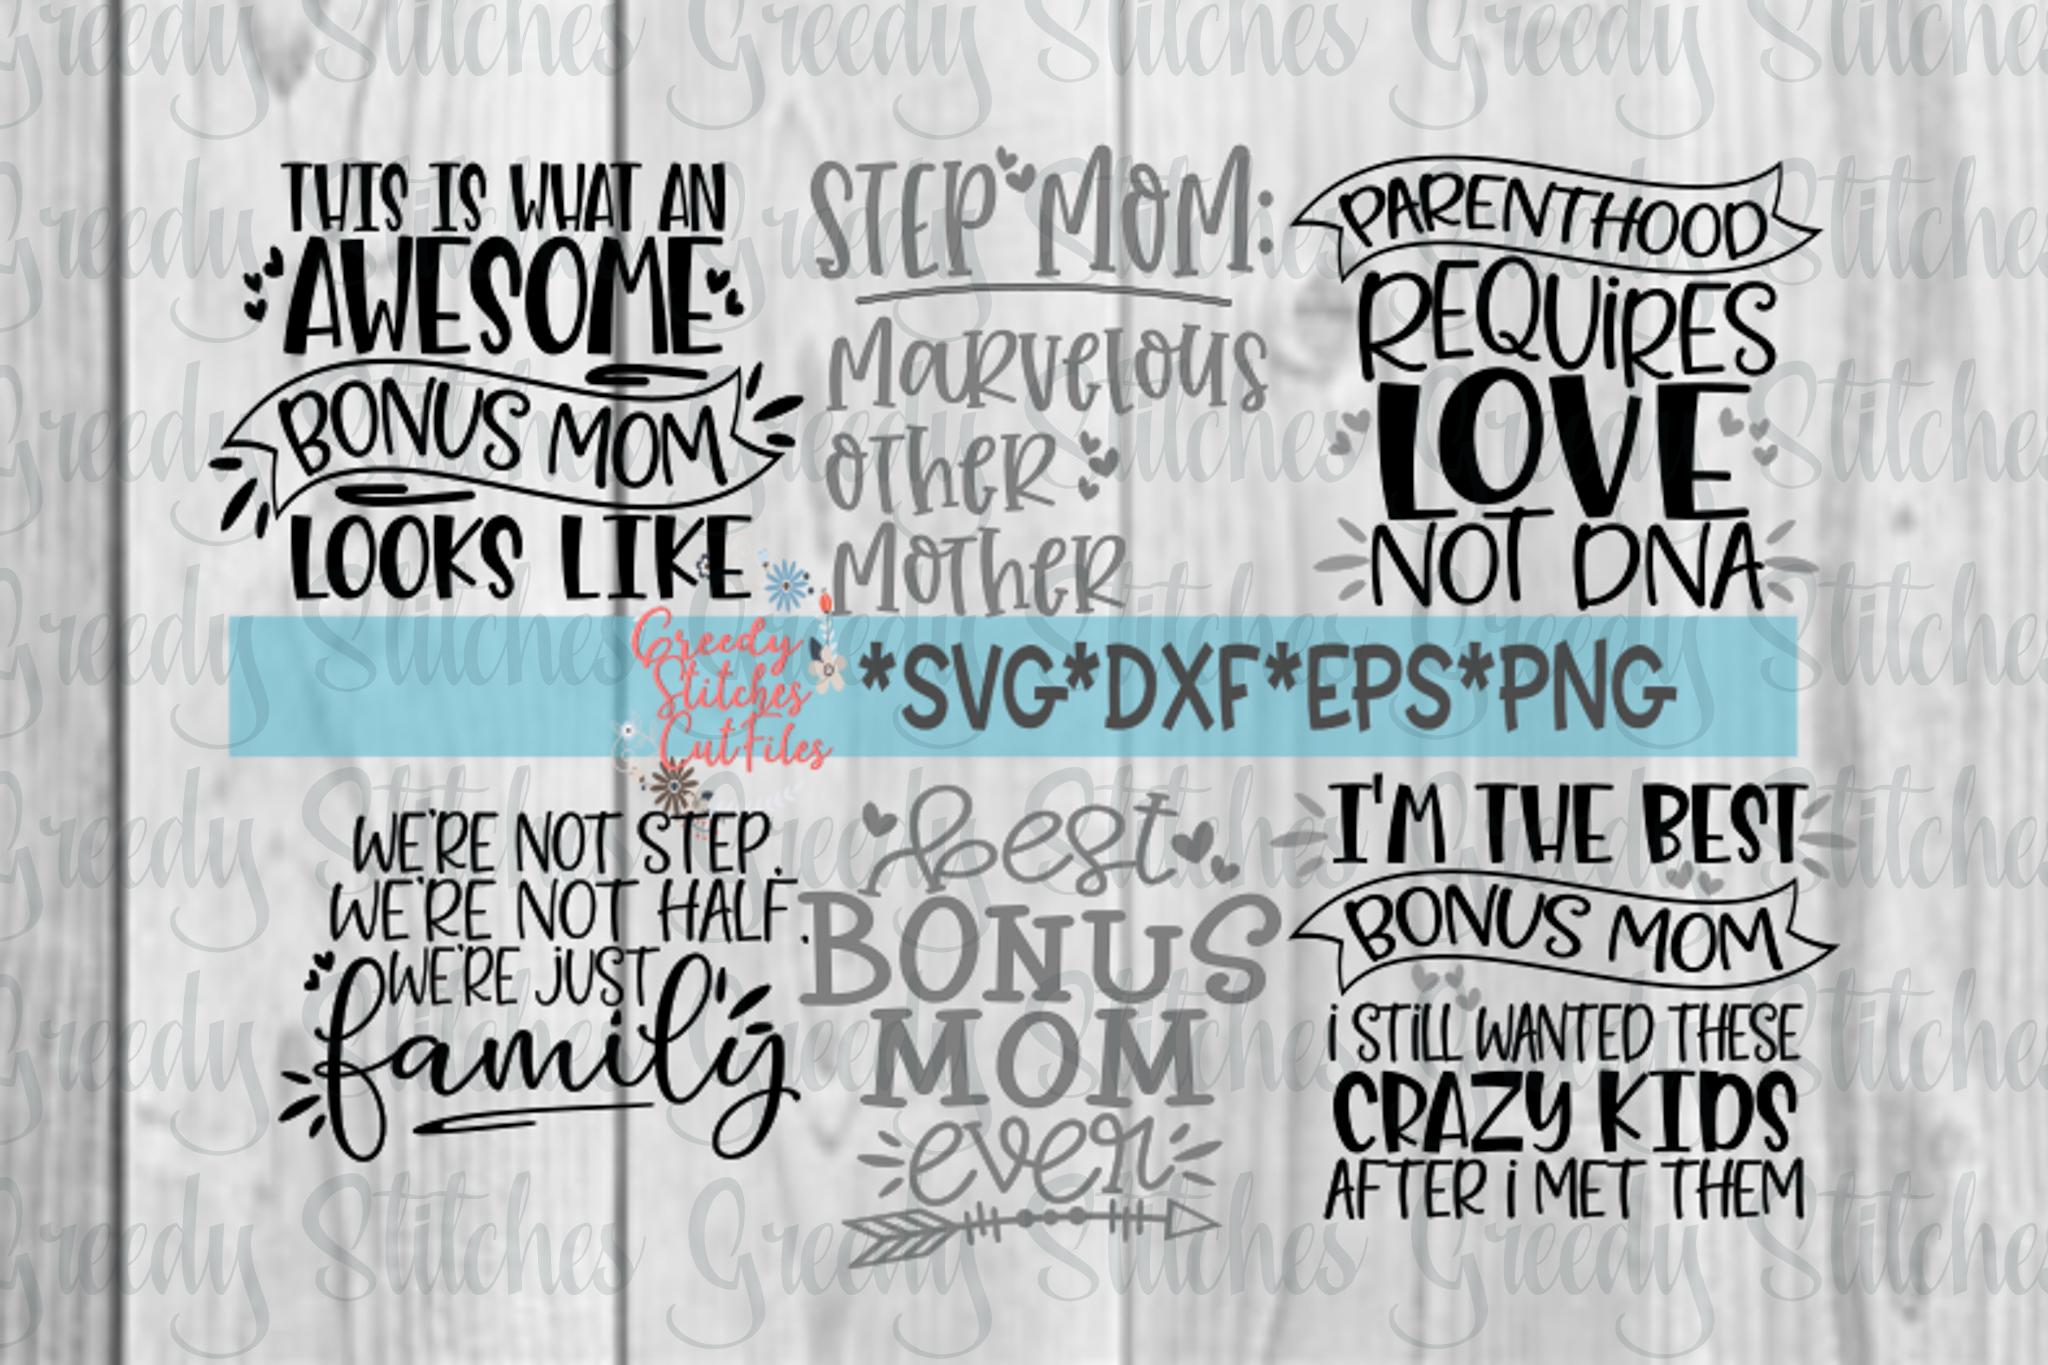 Mother's Day | Bonus Mom Bundle | Step Mom SVG Bundle example image 7